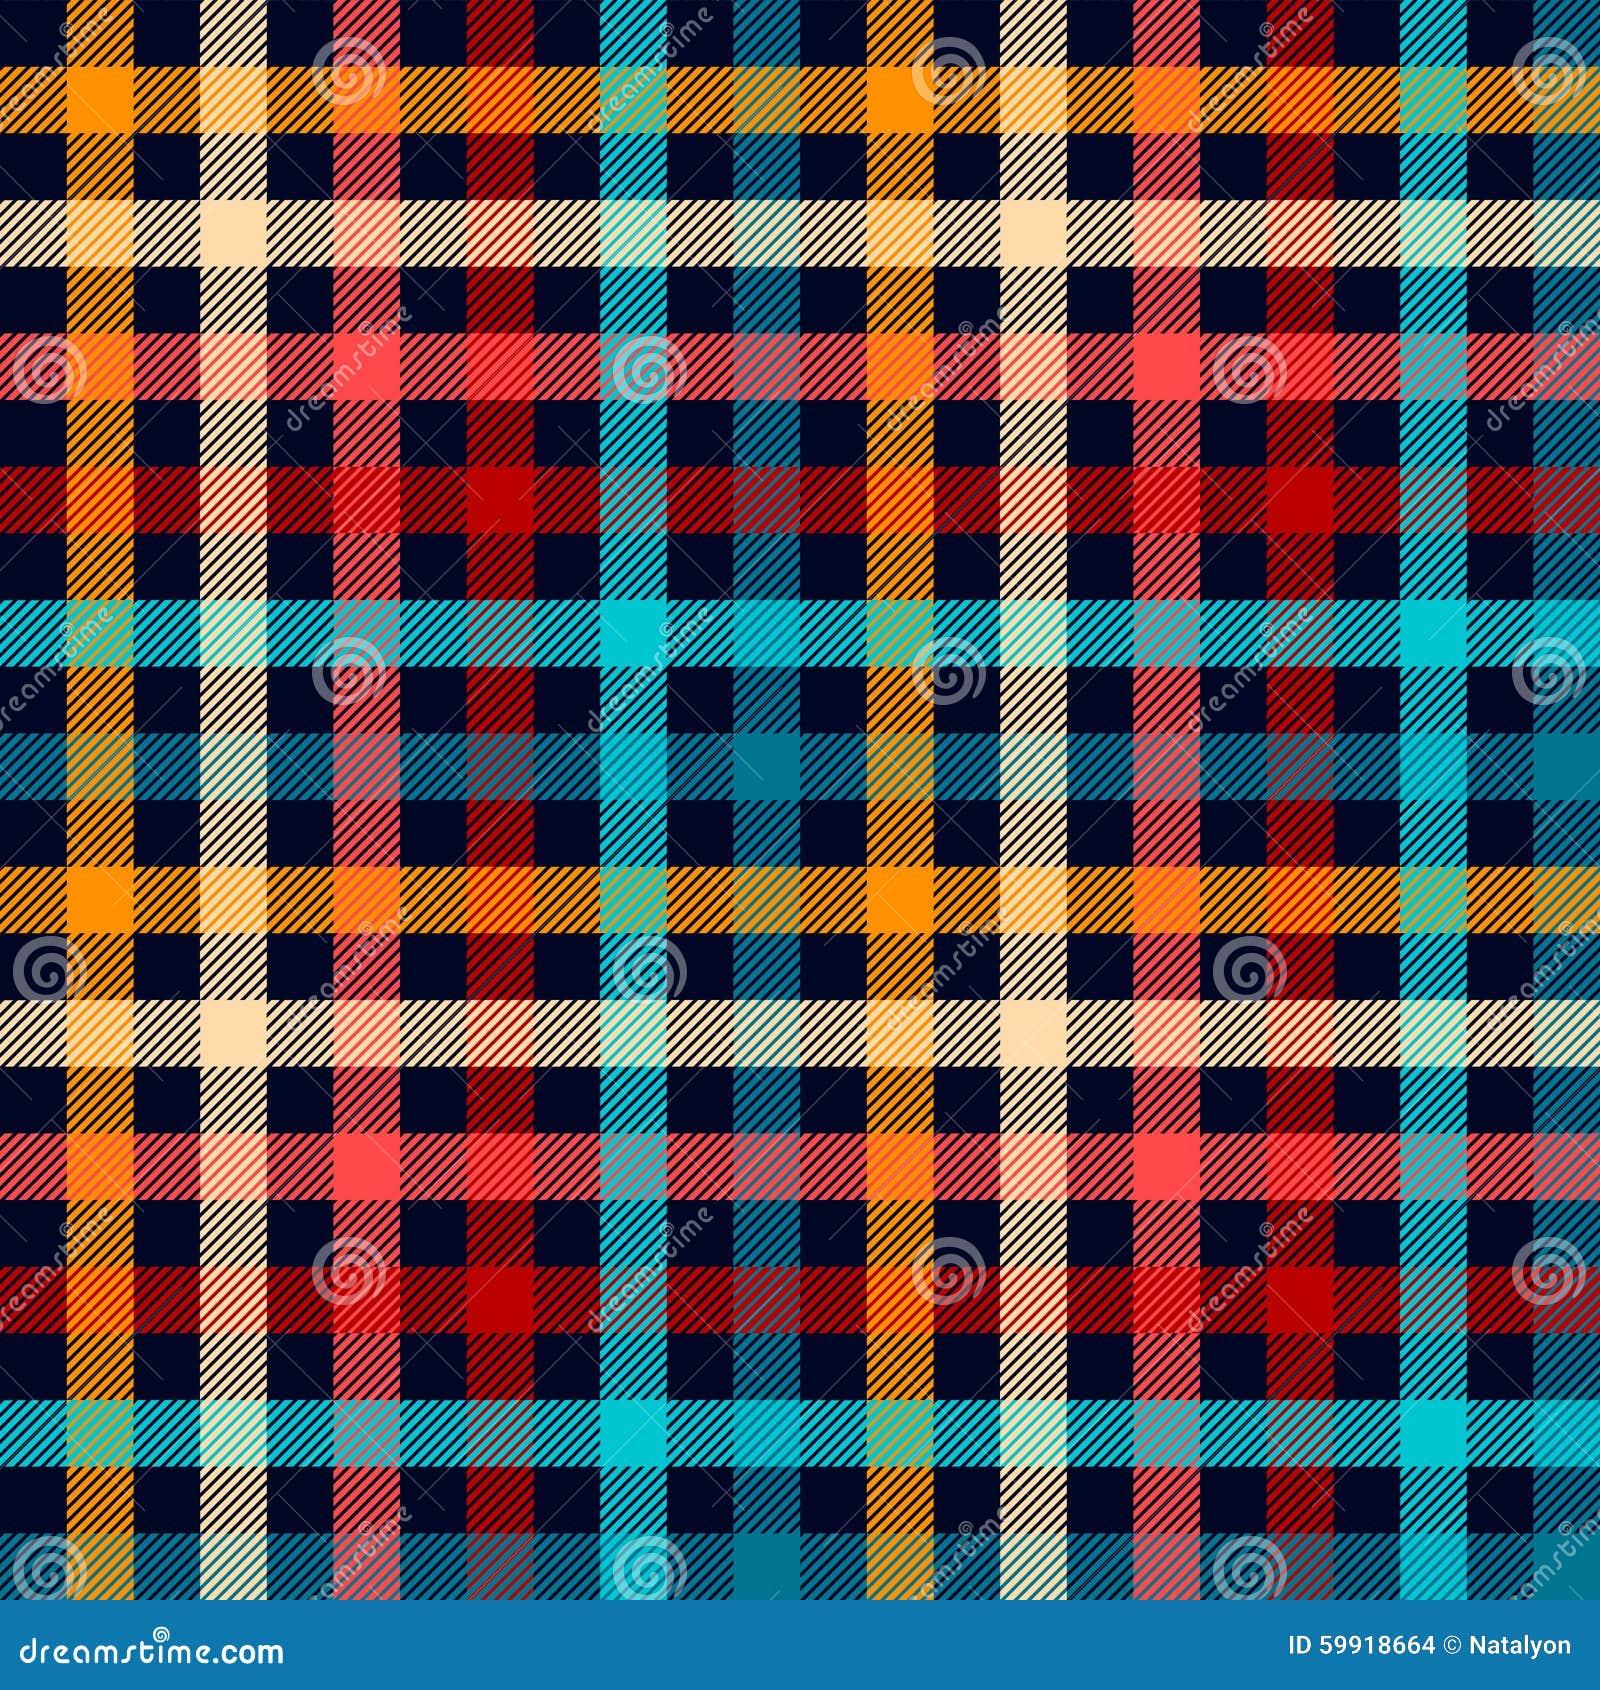 Kolorowej w kratkę gingham szkockiej kraty tkaniny bezszwowy wzór w błękitnej czerwieni białym kolorze żółtym i, wektorowy druk